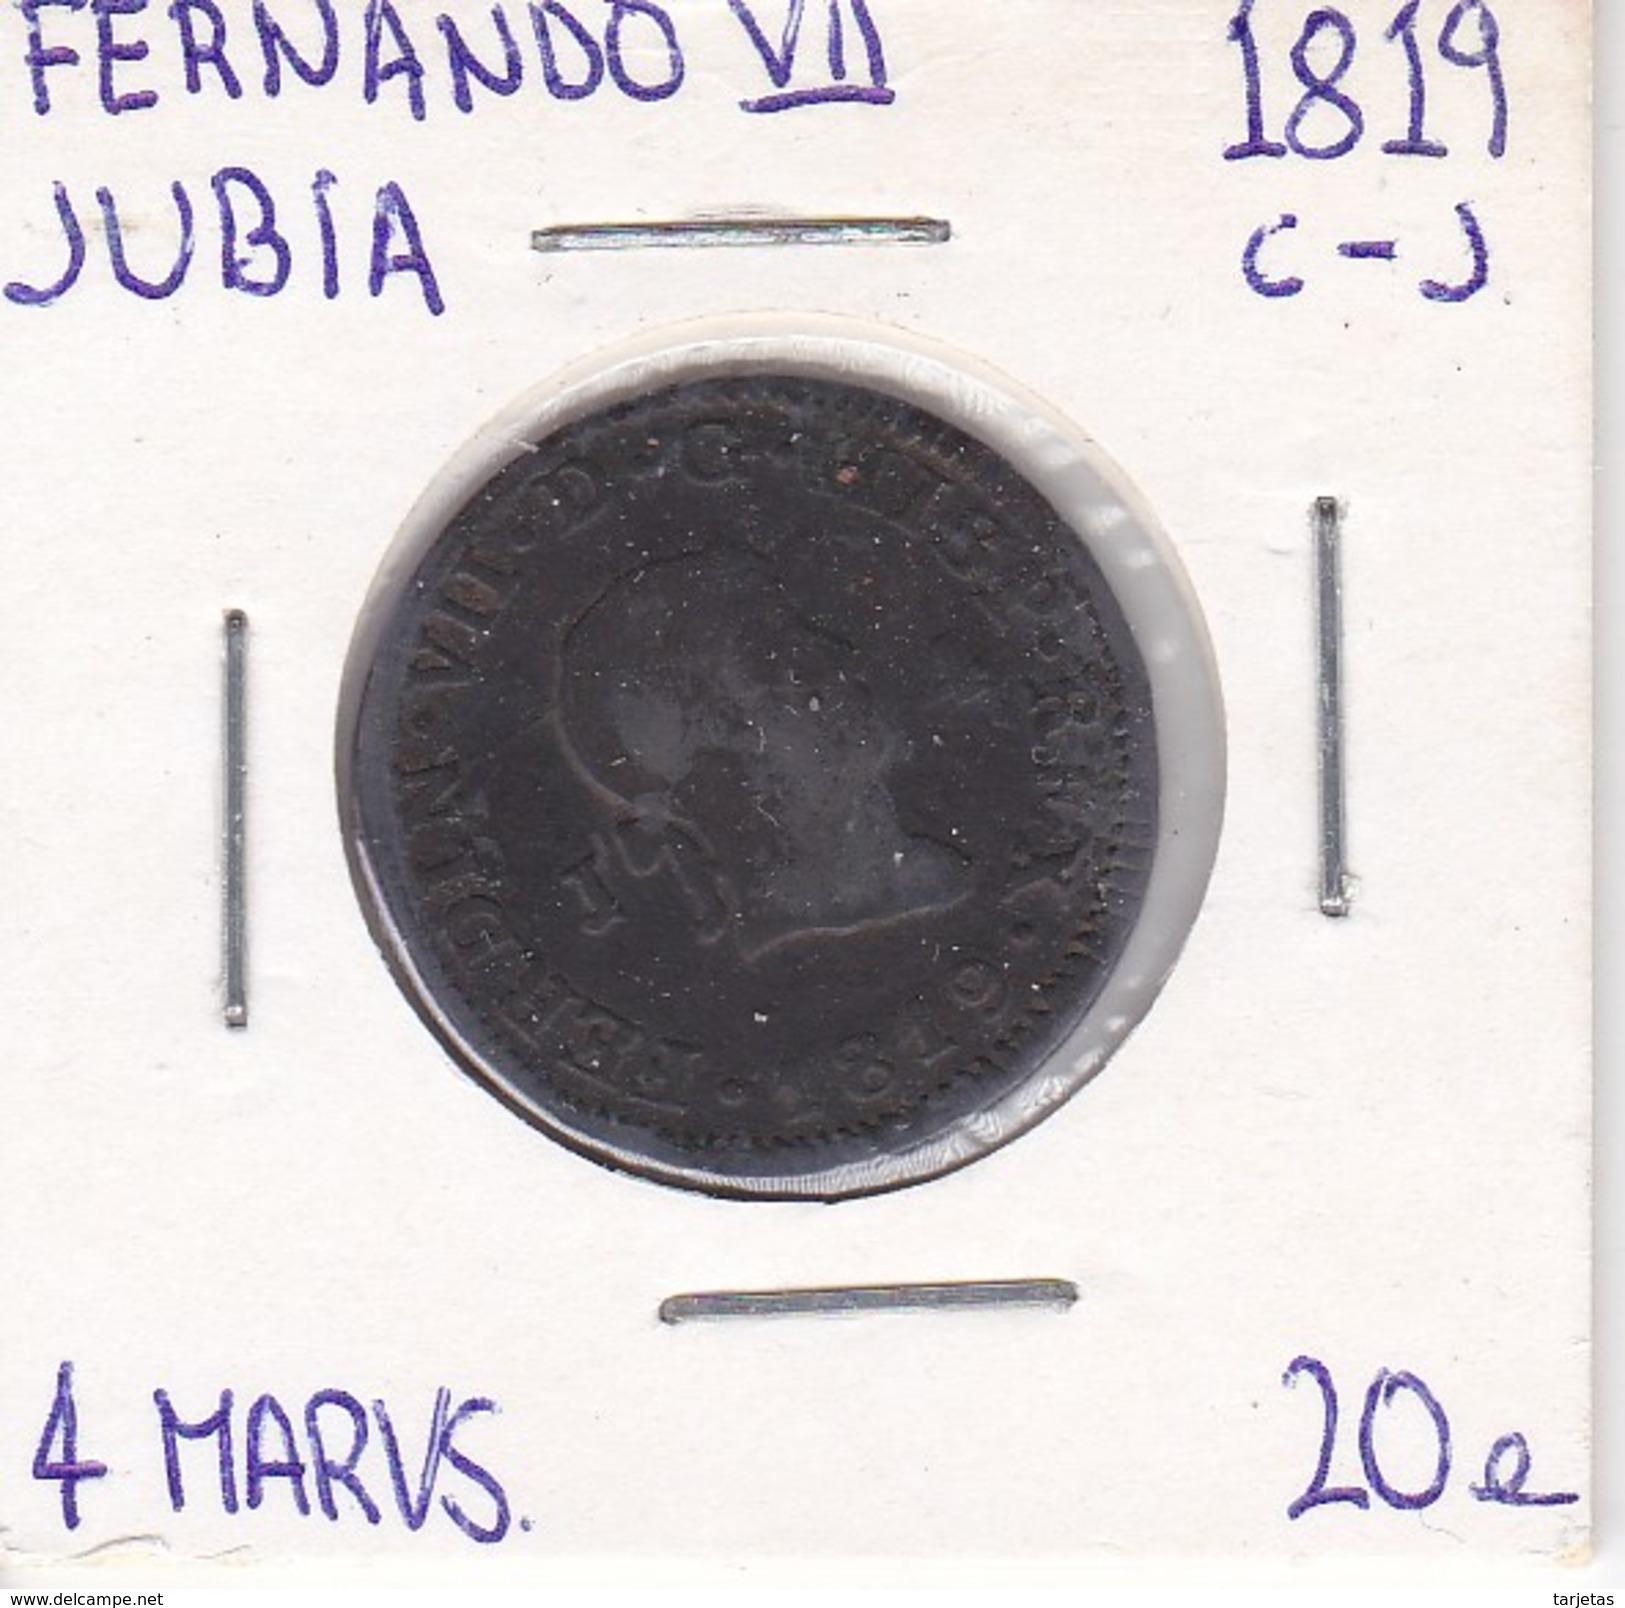 MONEDA DE ESPAÑA DE FERNANDO VII DEL AÑO 1819 DE 4 MARAVEDIS (COIN) JUBIA - Sin Clasificación